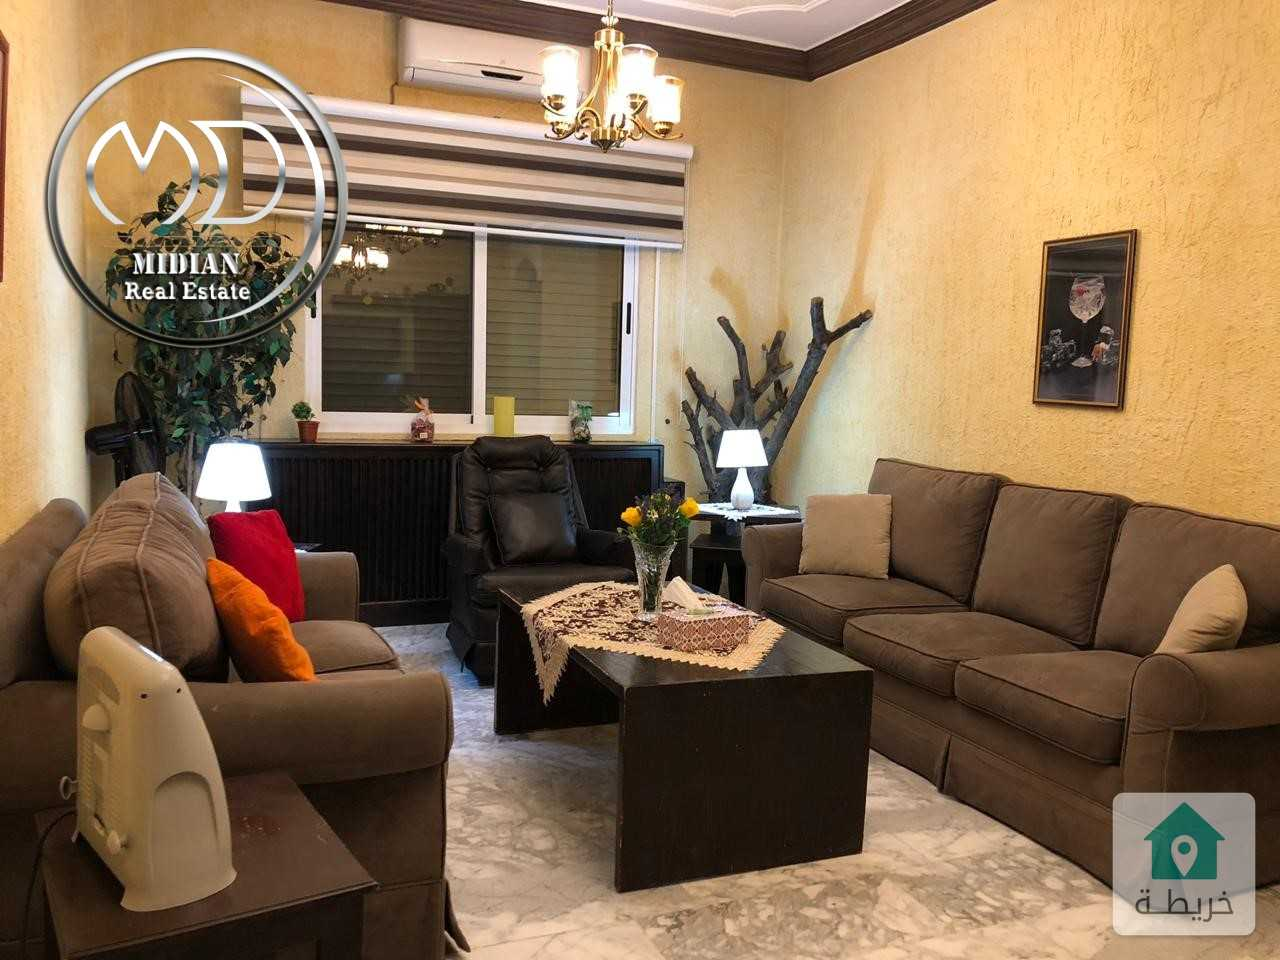 شقة مفروشة للايجار خلدا قرب الرضوان طابق ثاني مساحة 190م سوبر ديلوكس